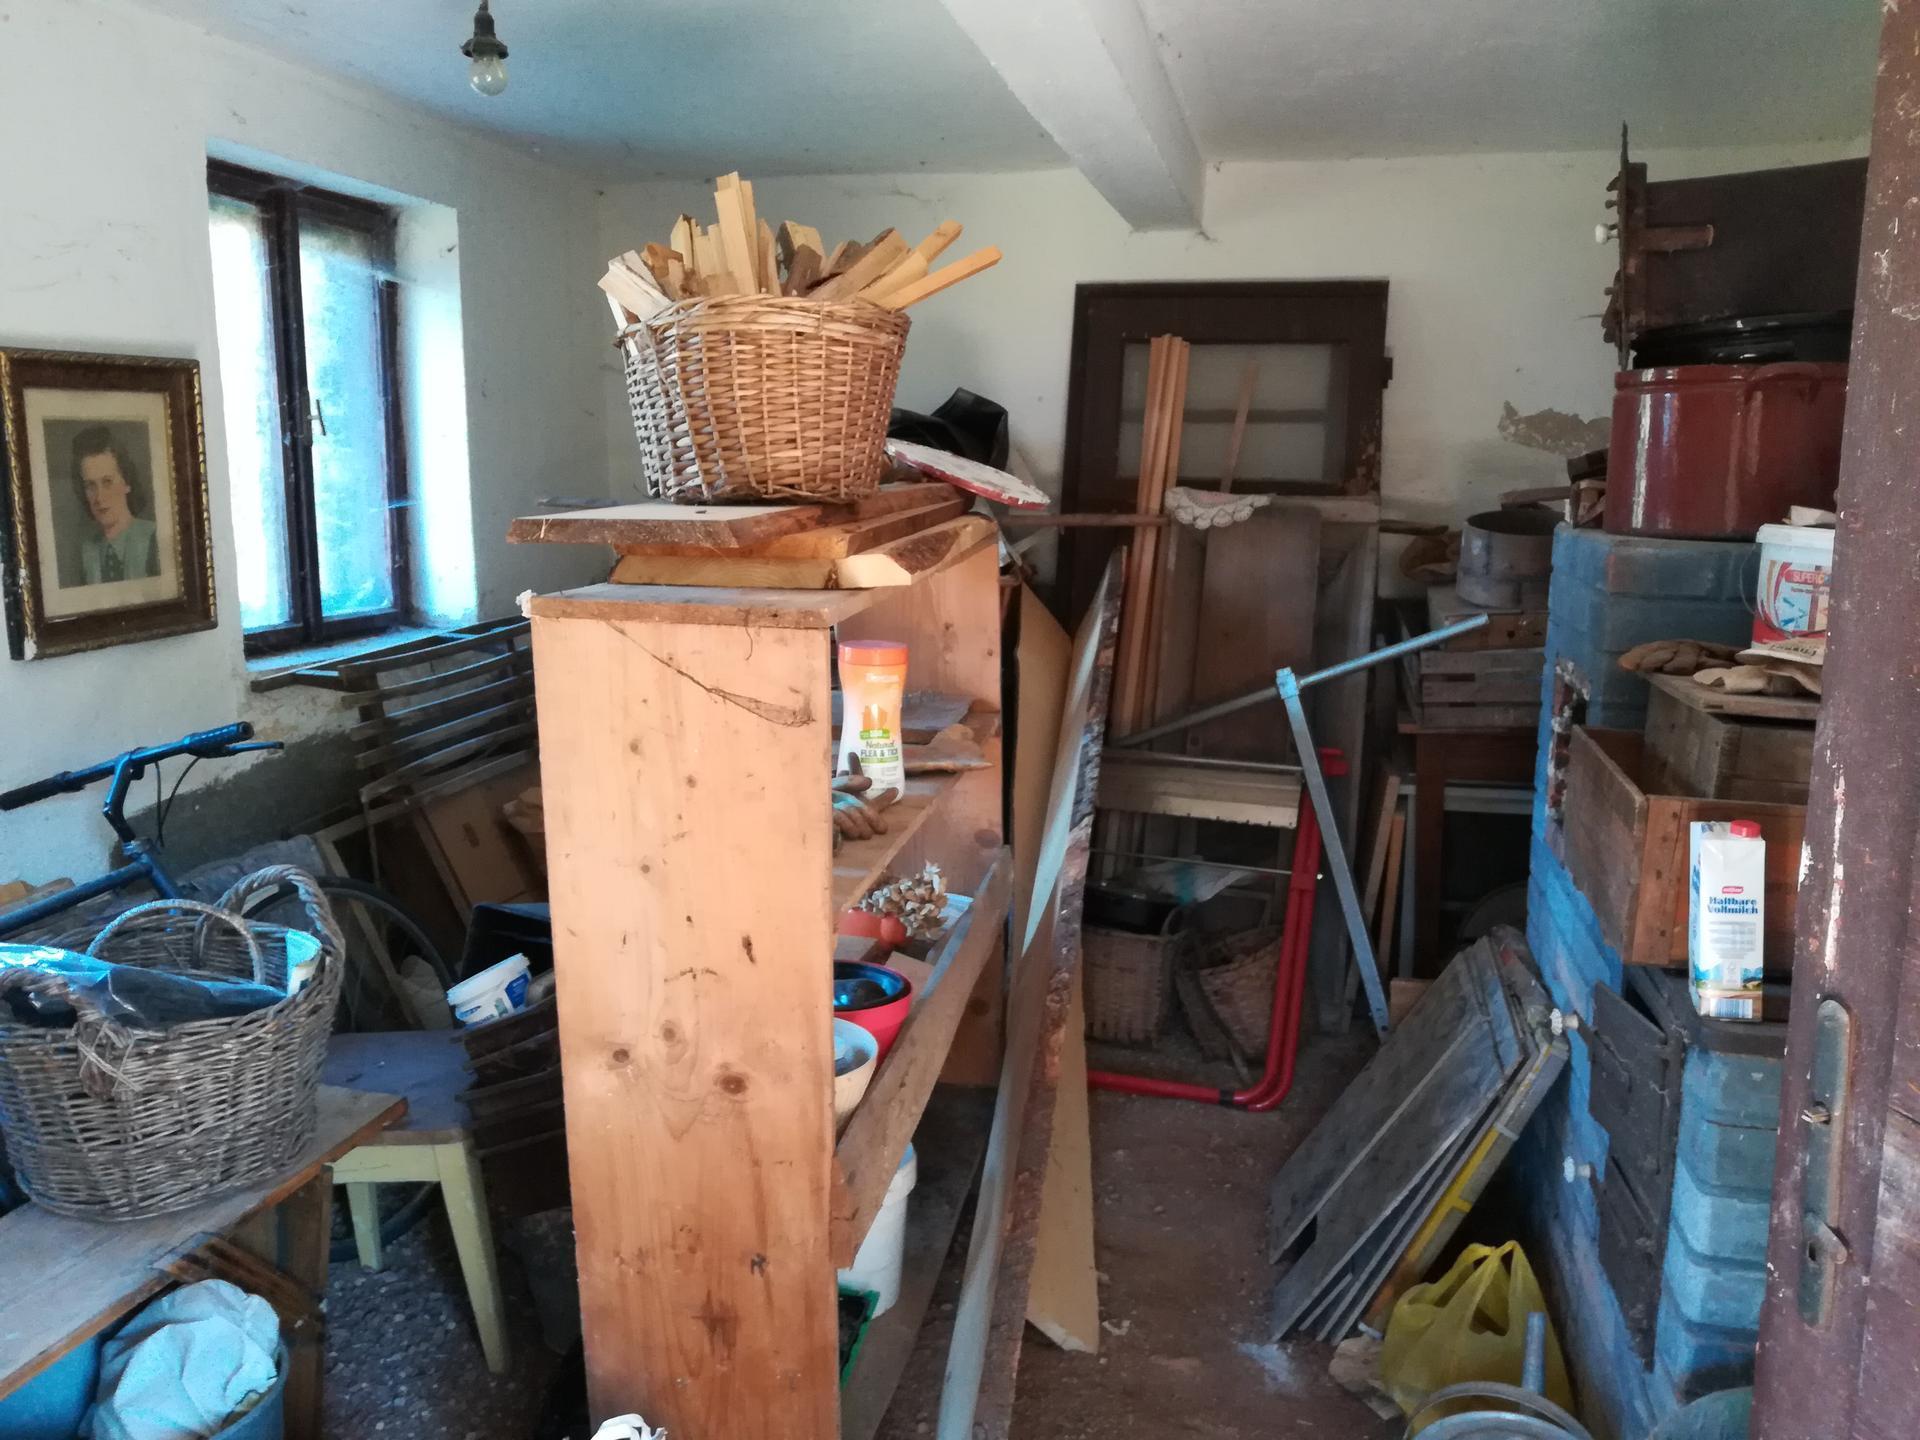 Letná kuchyňa. Inšpirácie vs. realita - Posledná nezrekonštruovaná miestnosť slúžila ako sklad. Podlaha už vyčistená na hlinu a pekne presušená.